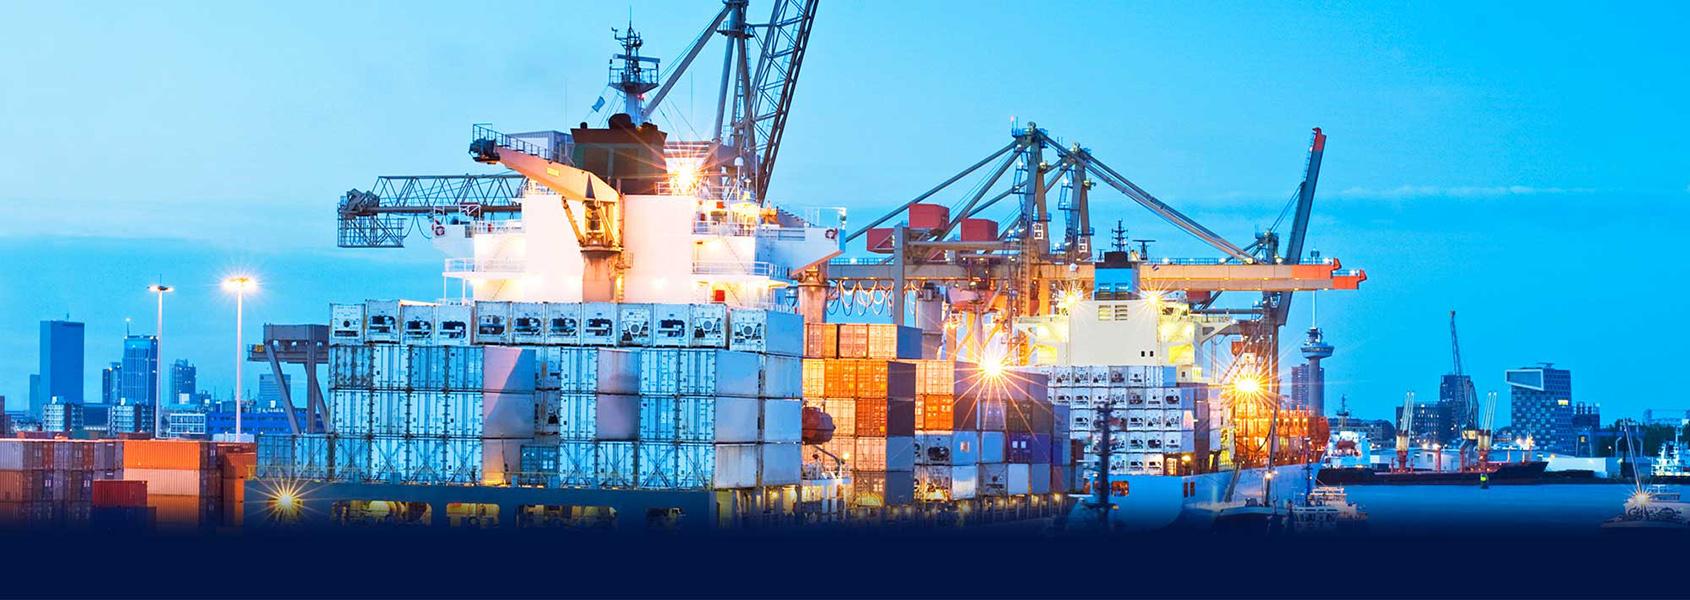 Plus de 3 milliards de dollars d'excédent commercial avec le Royaume-Uni